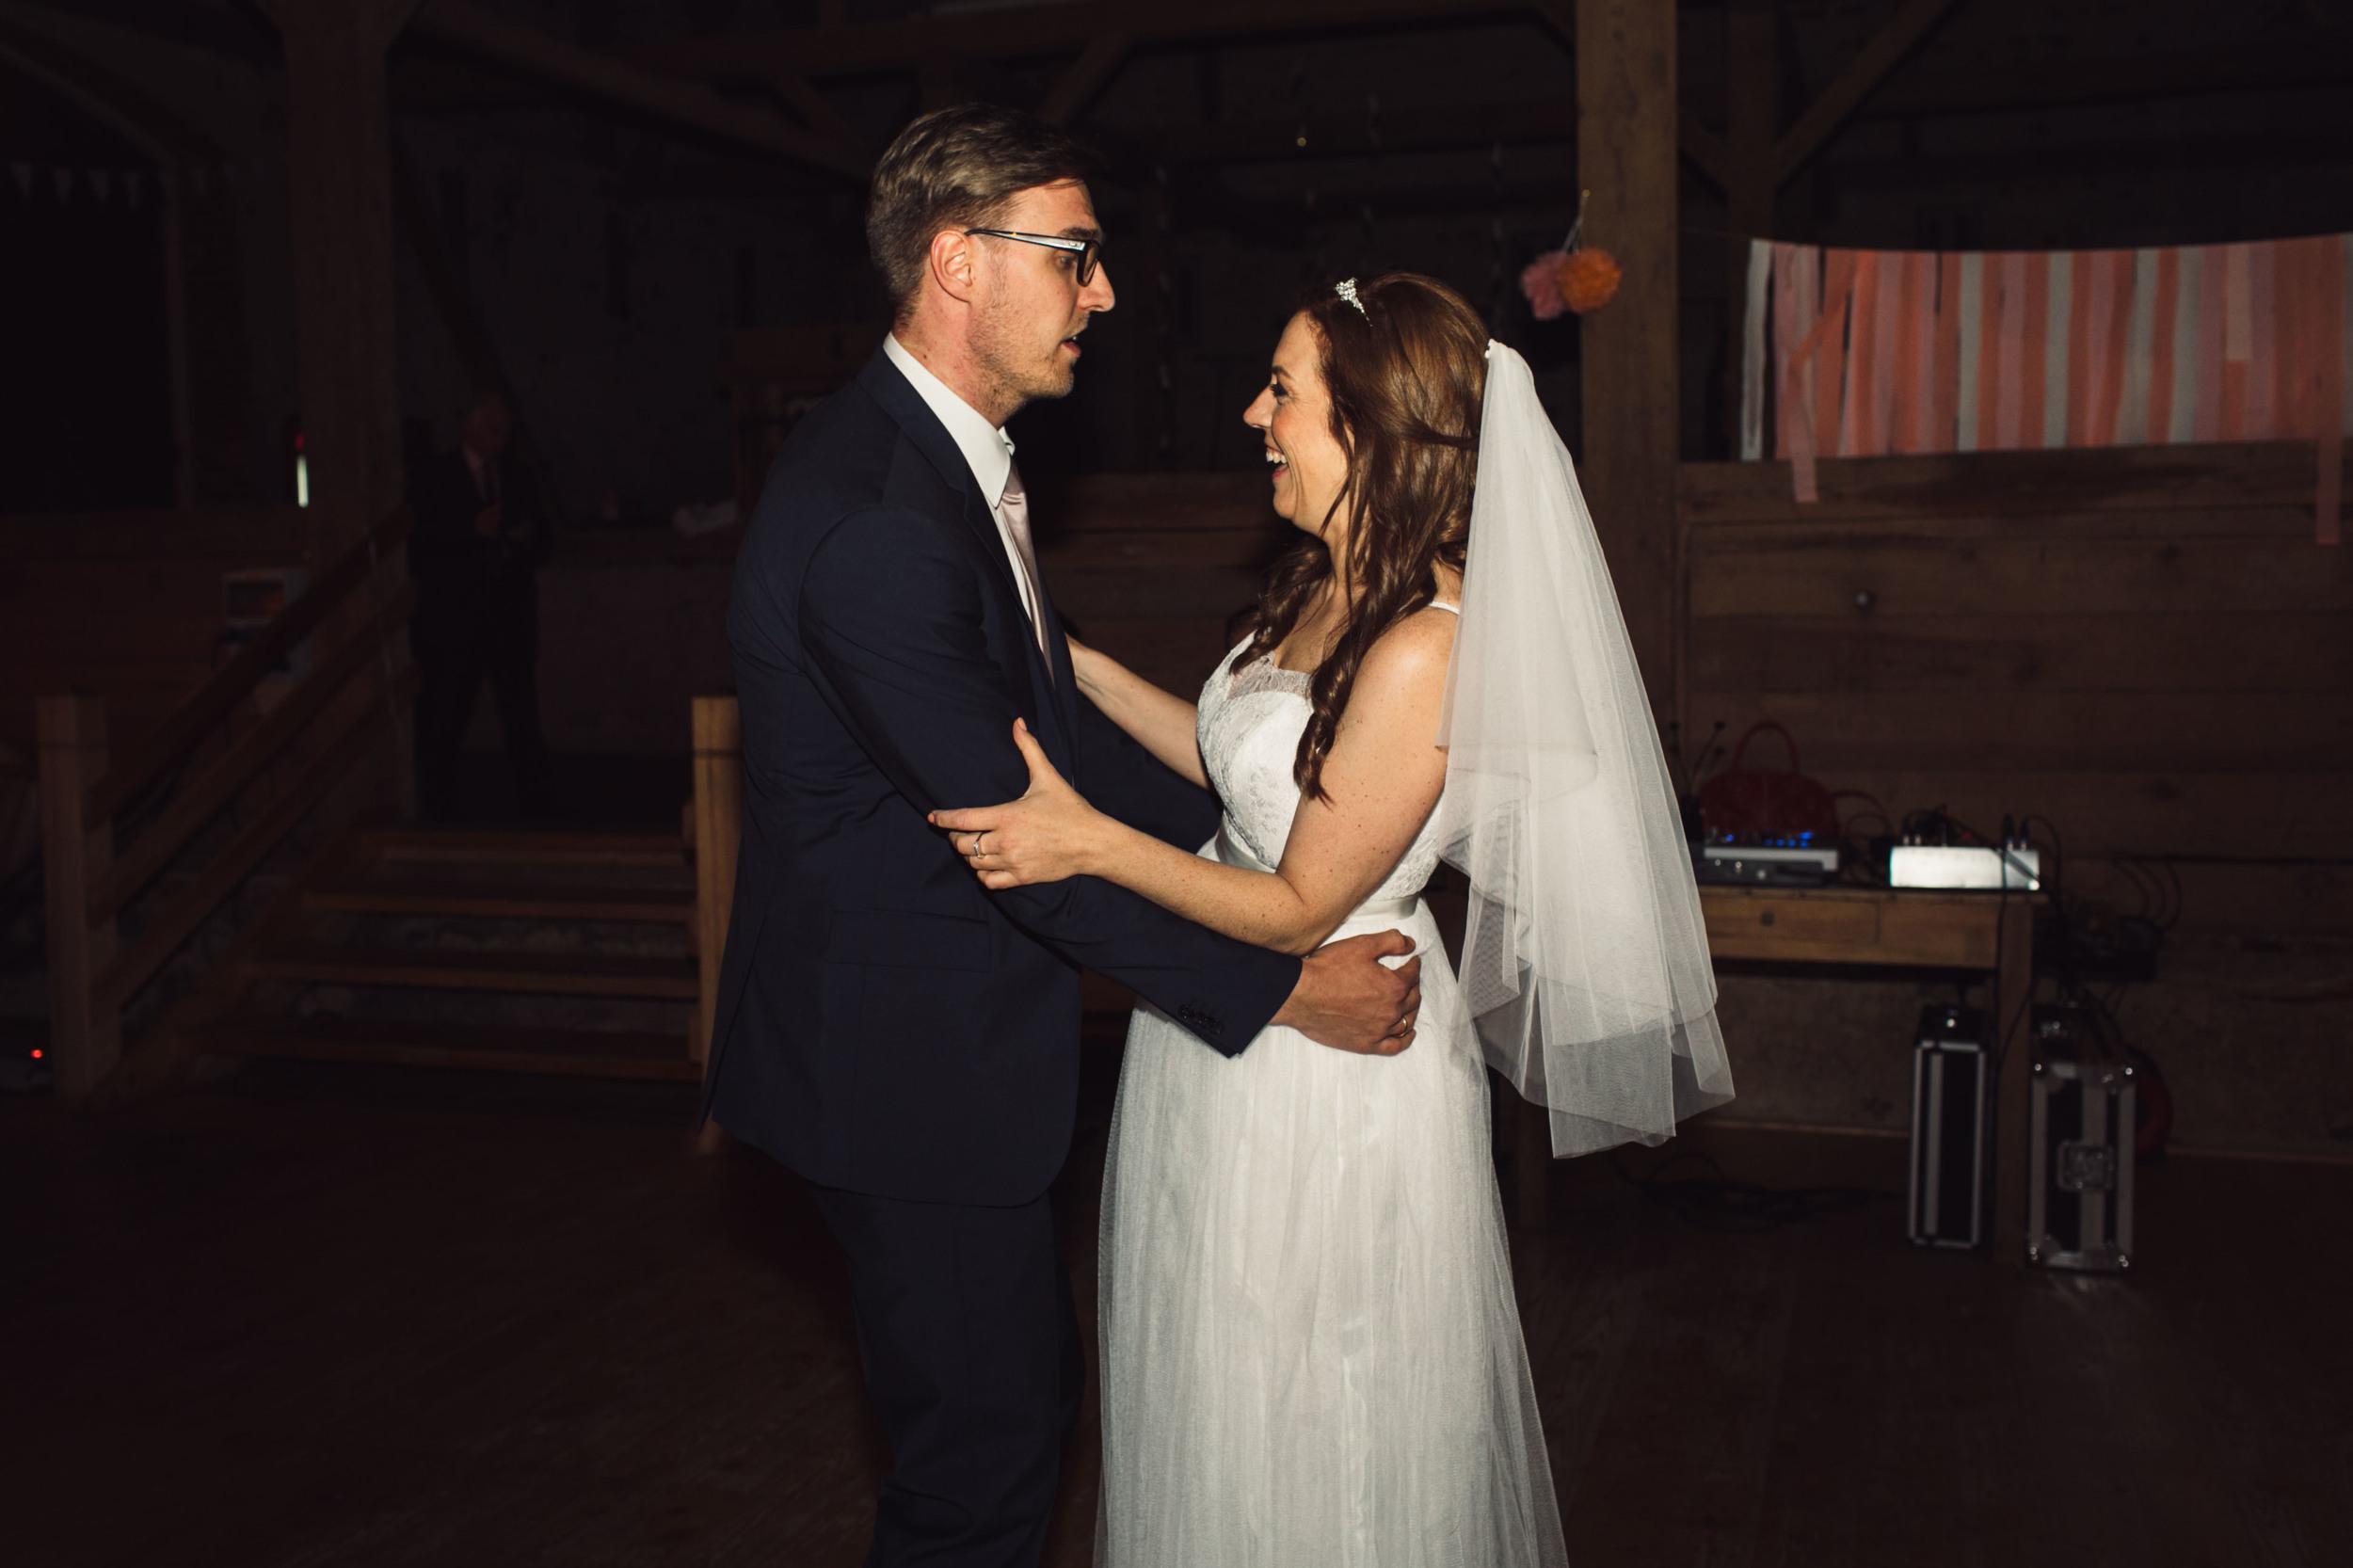 Berlin Hochzeitsfotografin Gartenglueck Wegendorf Hochzeitsreportage-105.jpg